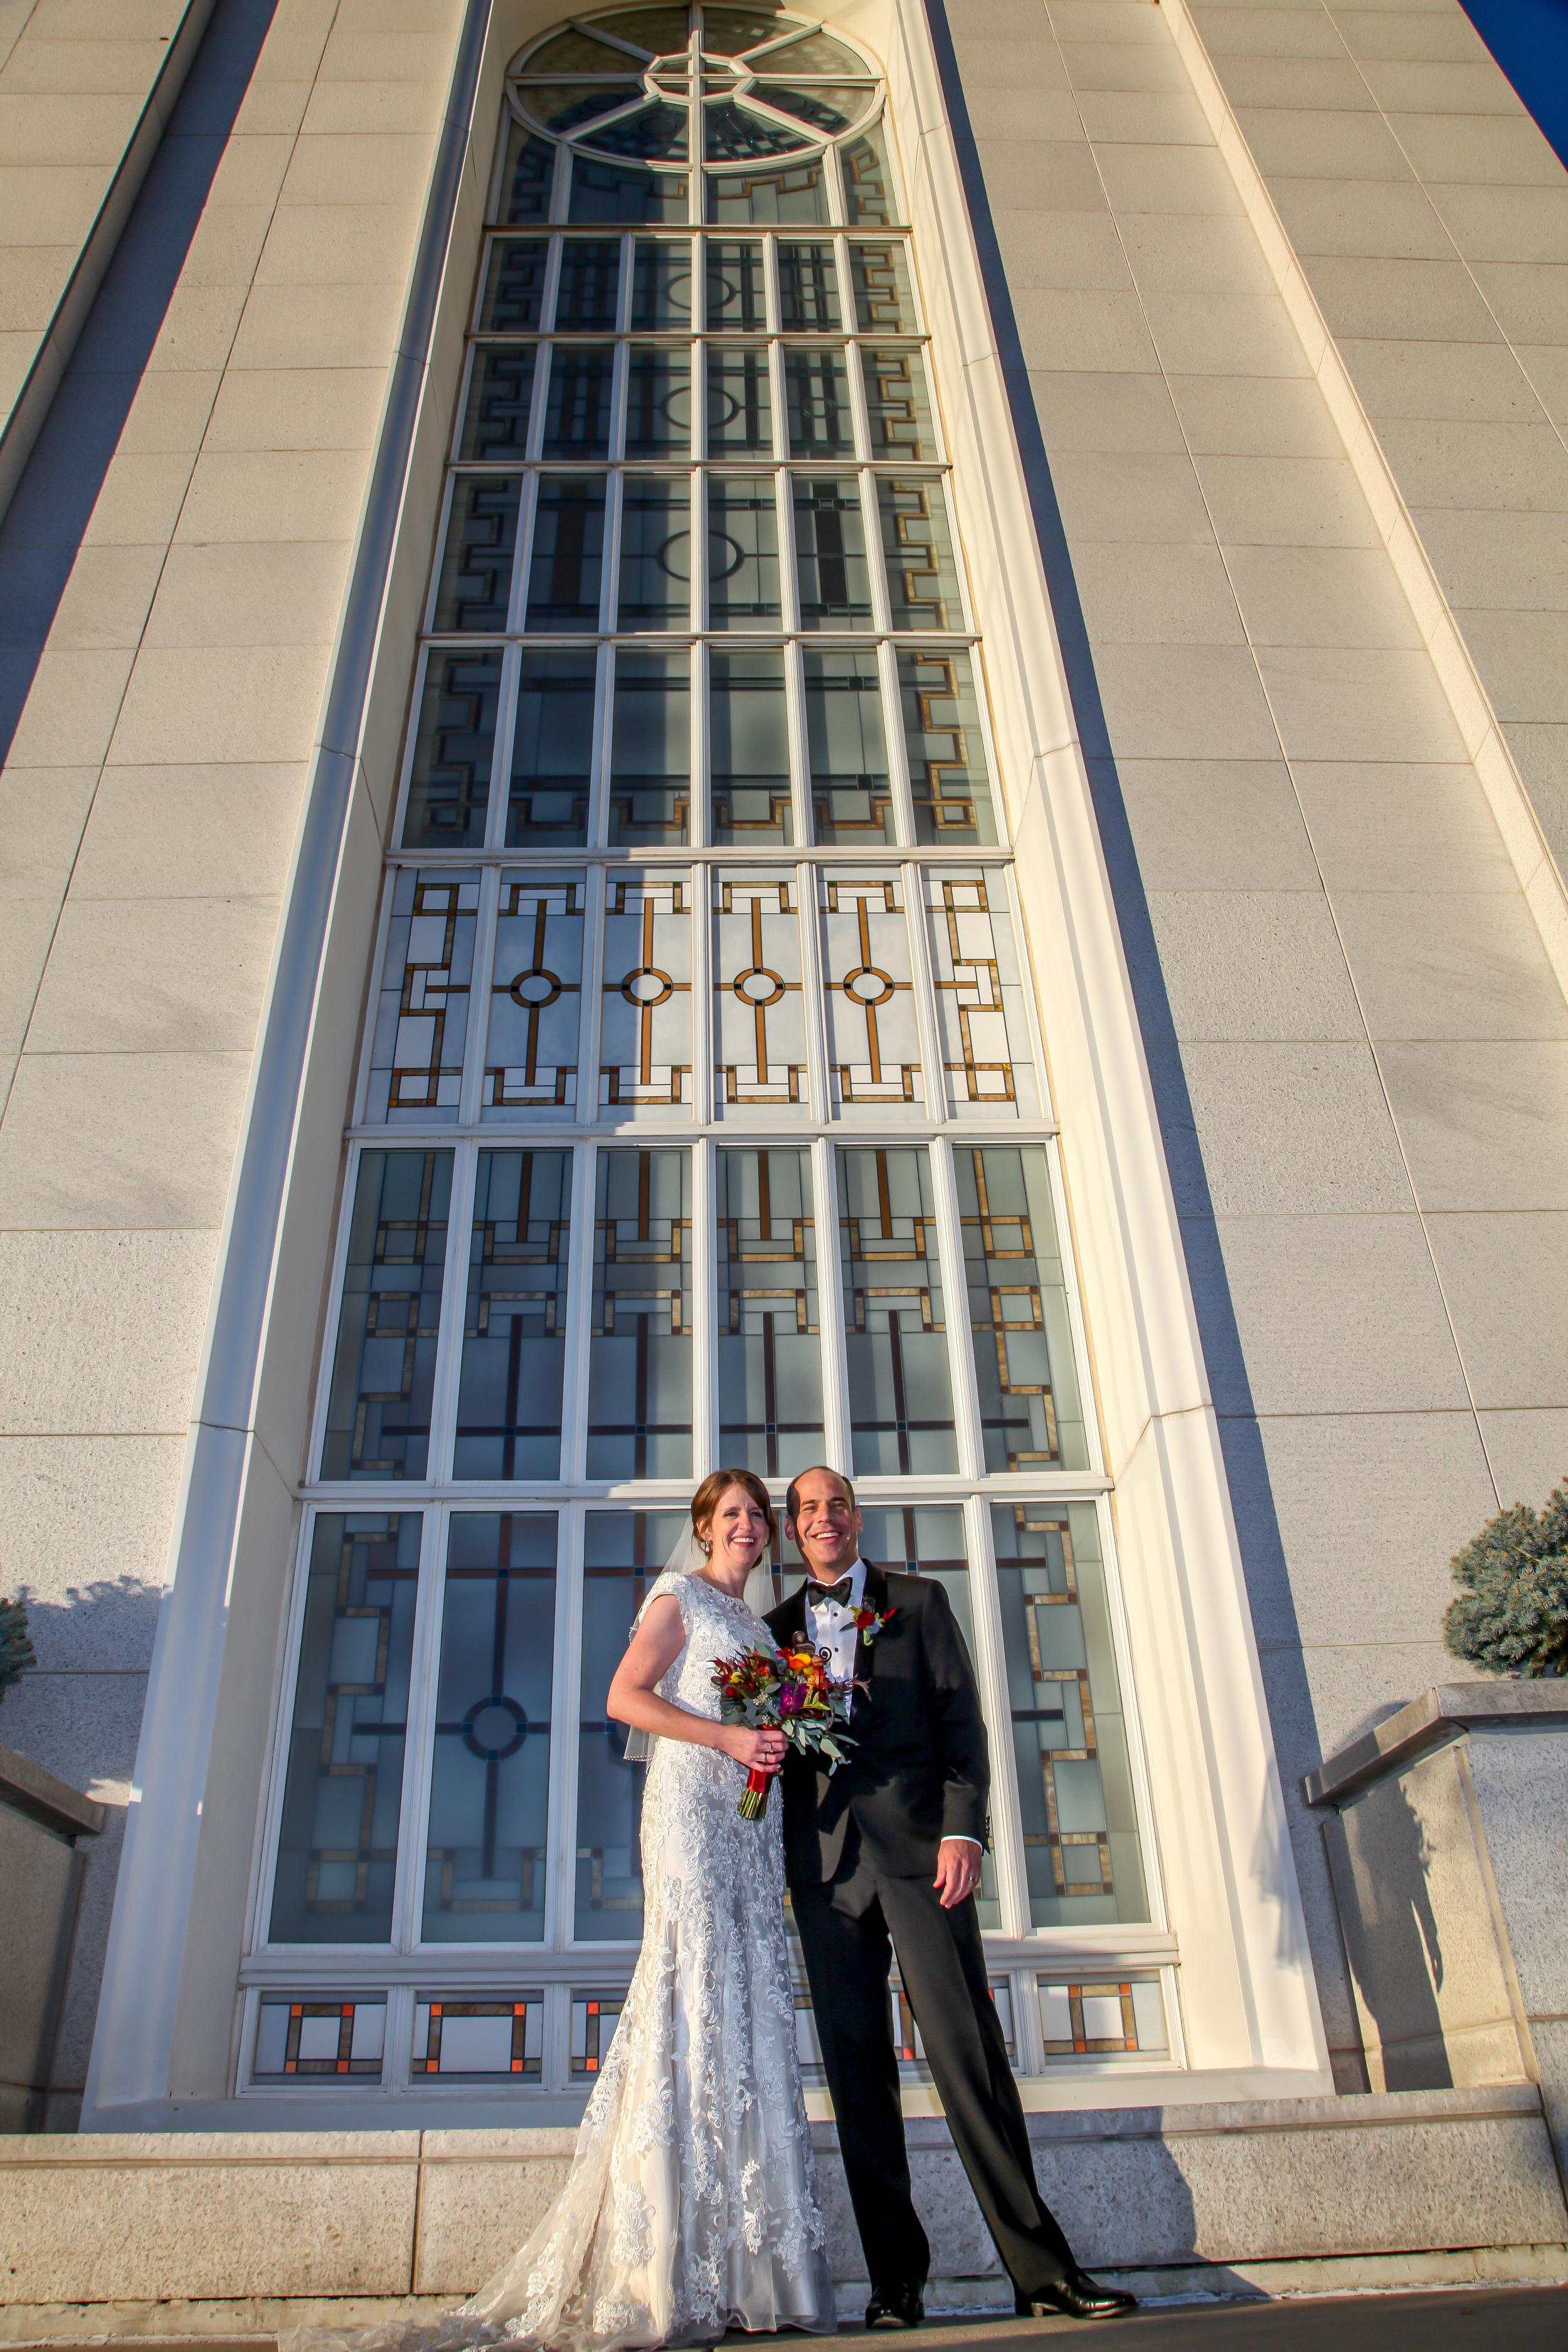 Bountiful wedding photography